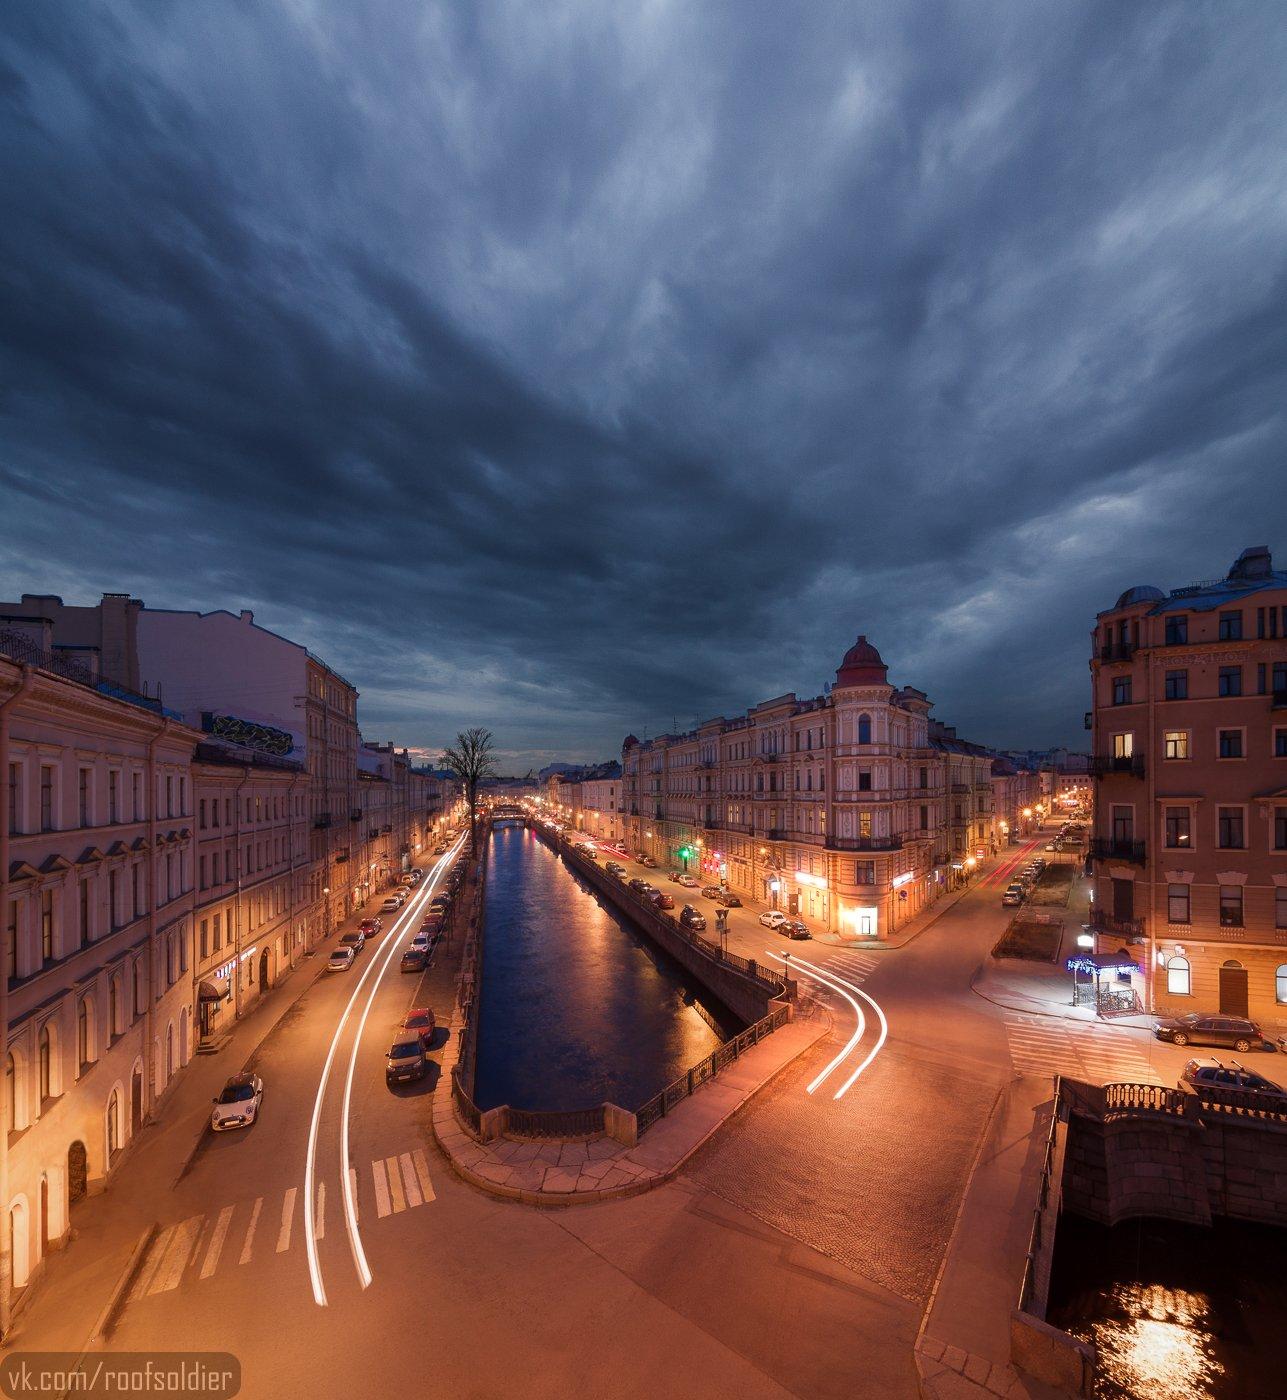 Крыша, пейзаж, выдержка, река, башня, город, архитектура, Голубев Алексей